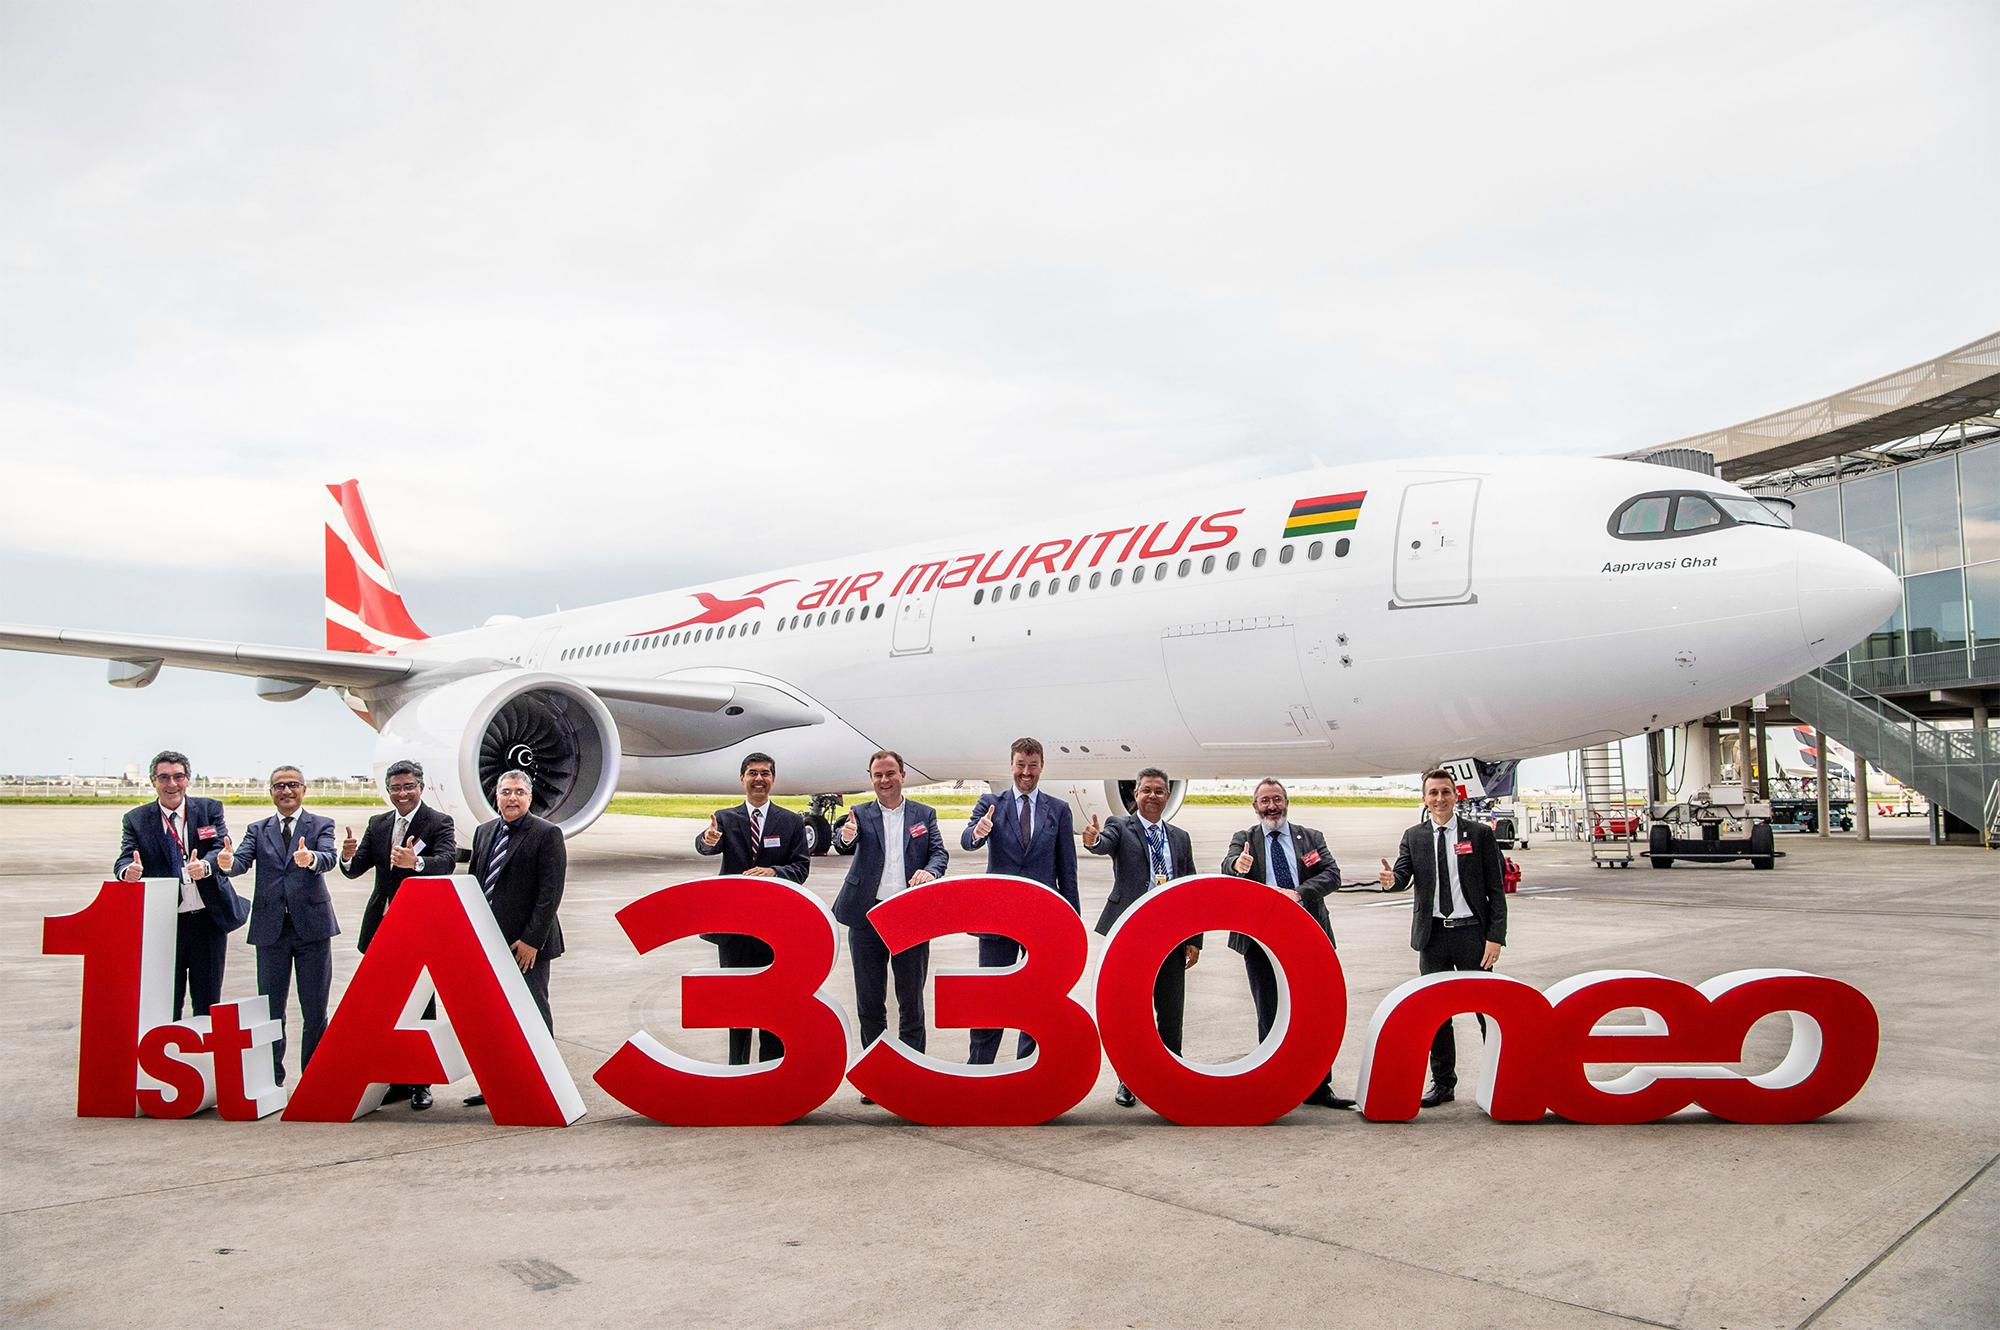 MK A339 (Airbus)